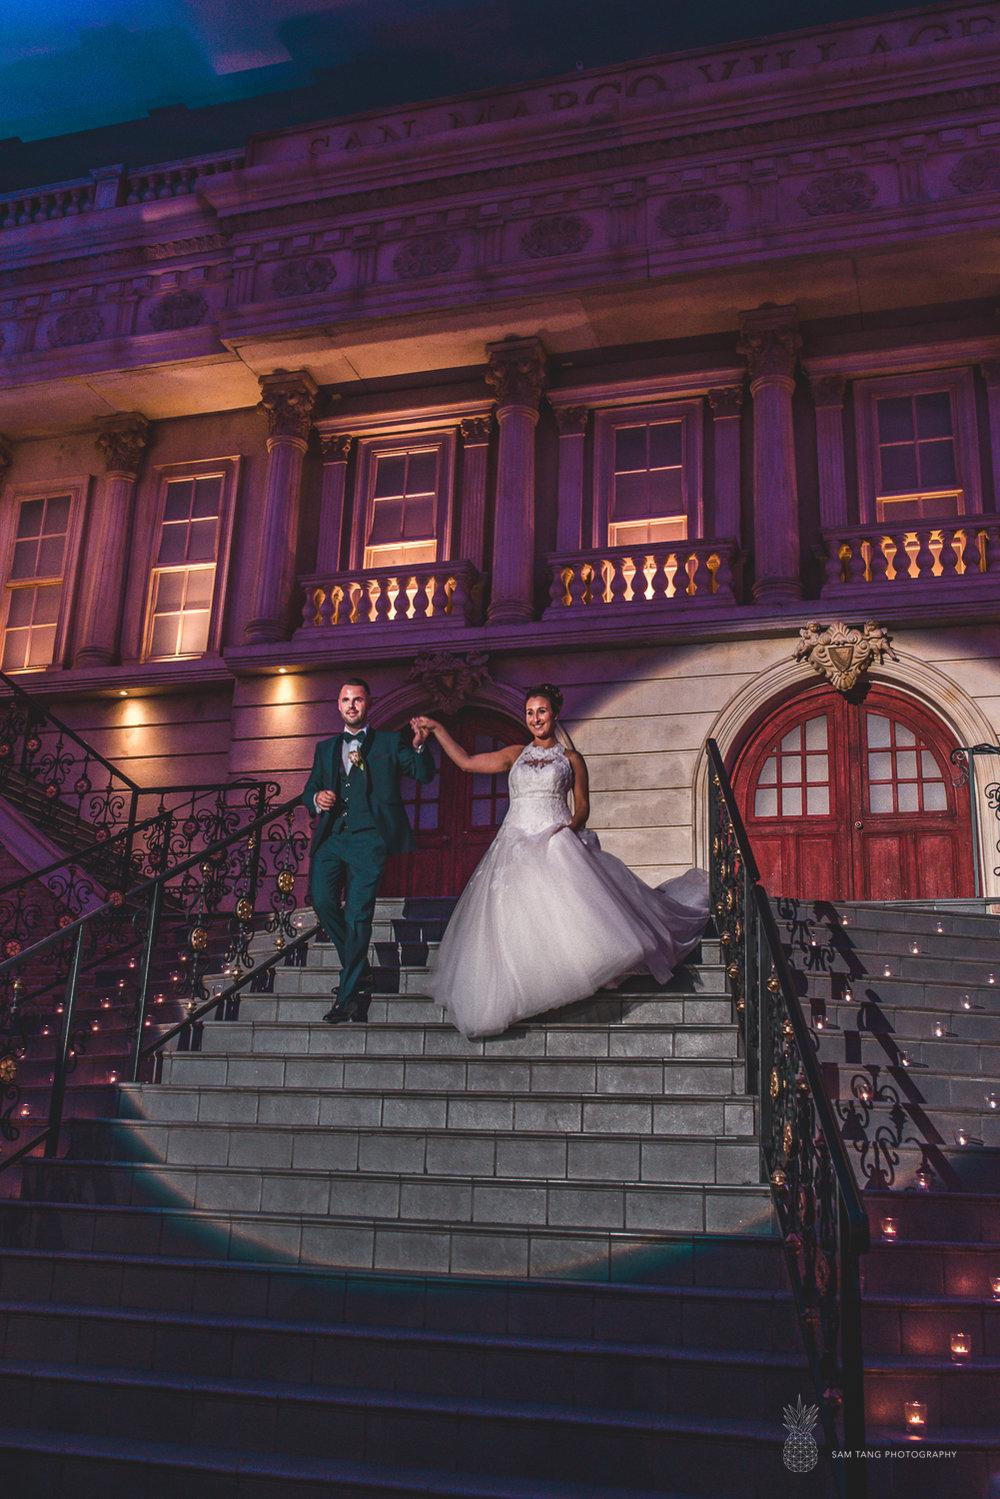 © Photography Sam Tang - KM - Fotografie Vilvoorde trouwfotografie trouwfeest mechelen antwerpen-17.jpg